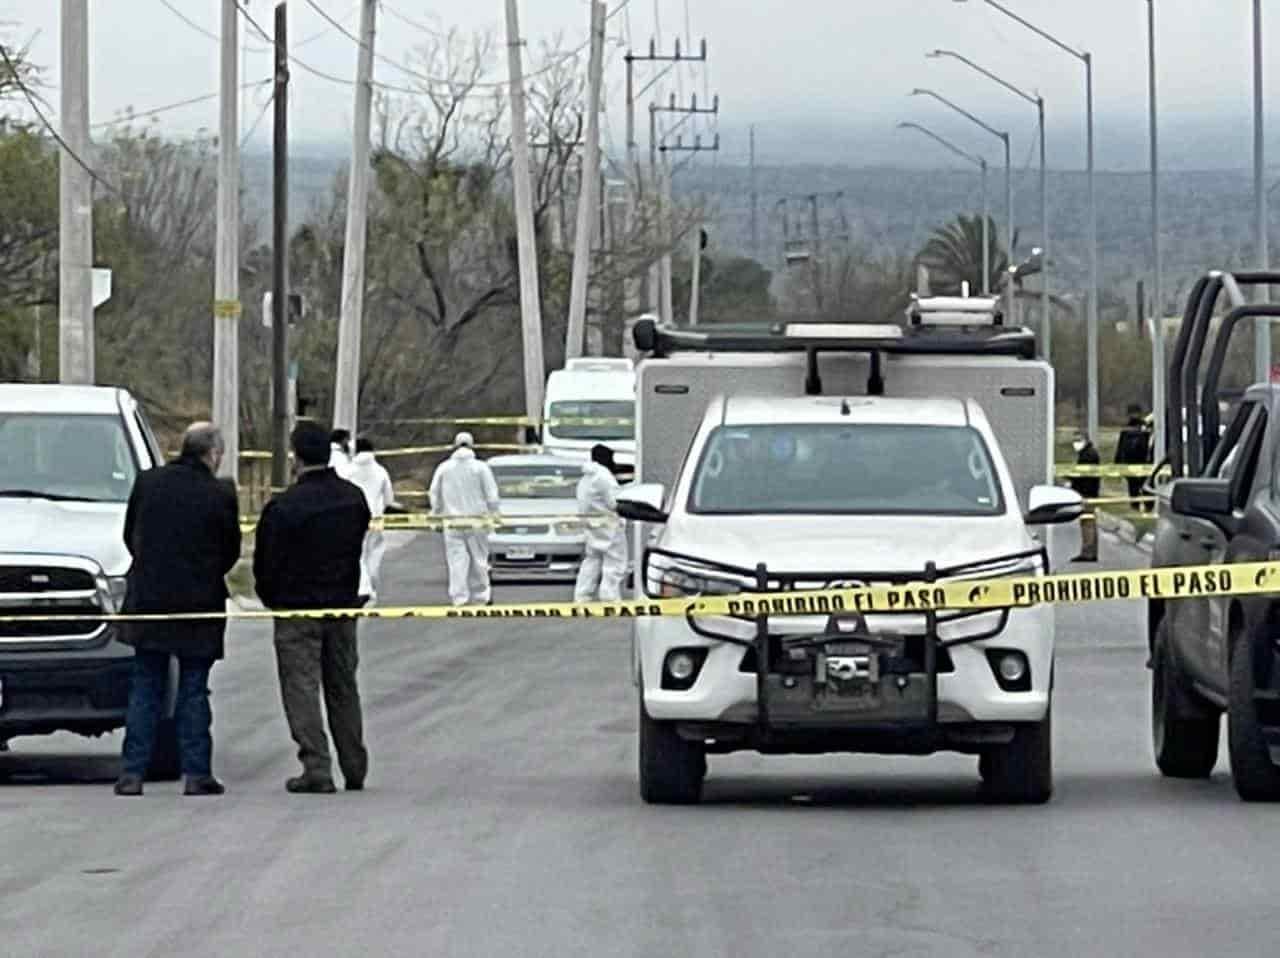 De al menos un balazo en la cabeza fue ejecutado un automovilista